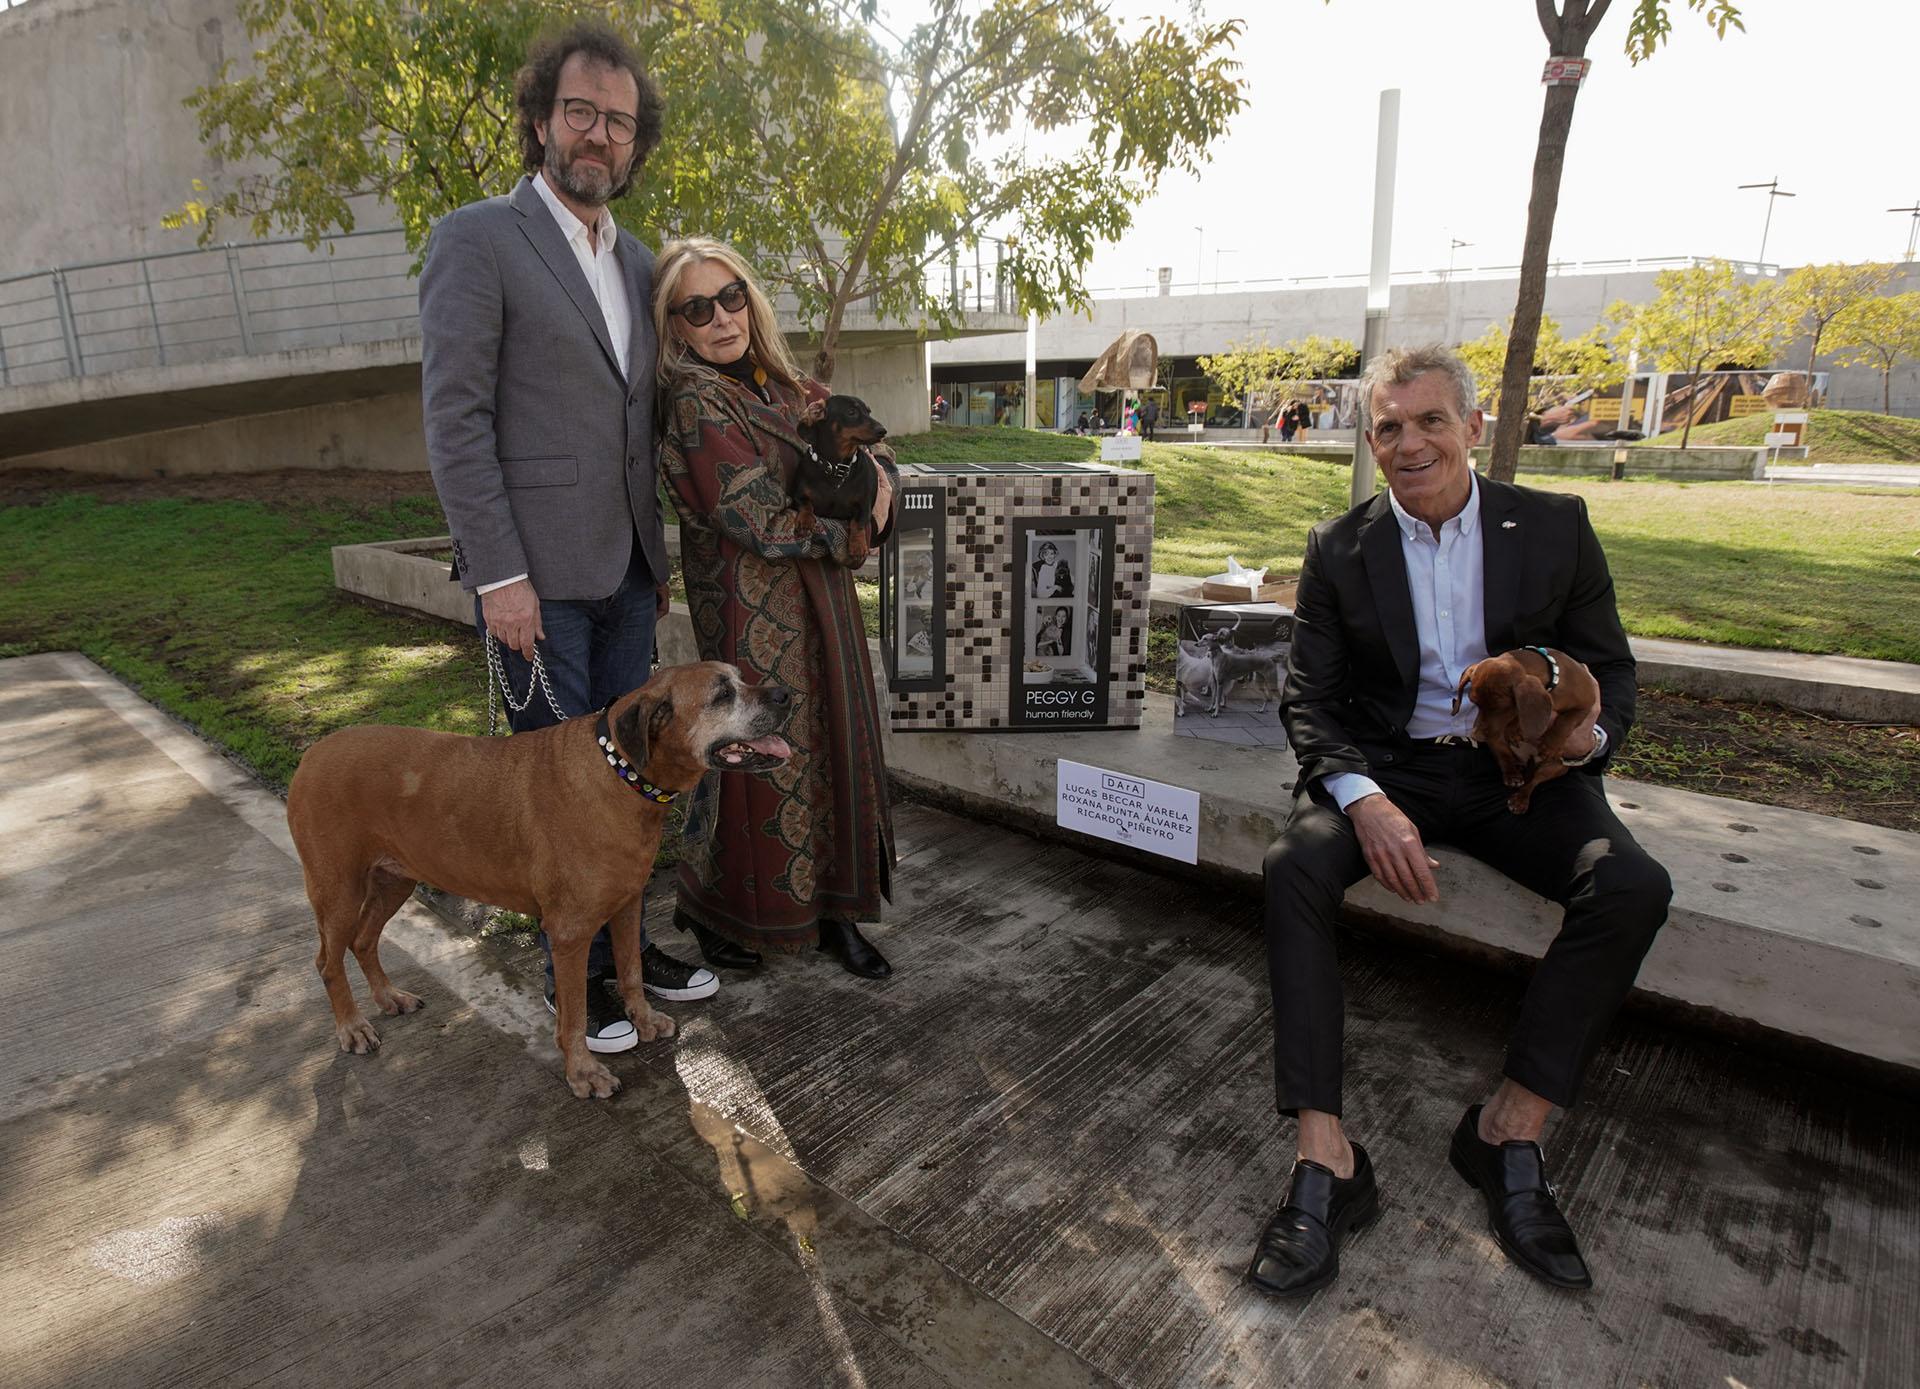 """By Roxana Punta Álvarez, Ricardo Pinieyro y Lucas Beccar Varela. """"Surgió a partir de que dicen que la visión de los perros es en blanco y negro. Primero fue hacerlo en escala de grises, blancos y negros, y luego la idea de hacerlo como un damero al estilo de un bistró, después surgió Peggy Guggenheim y por último una casa con revestida en venecitas que como homenaje pusimos sus mejores fotos contemporáneas"""", explicó a Infobae sobre su creación Beccar Varela"""